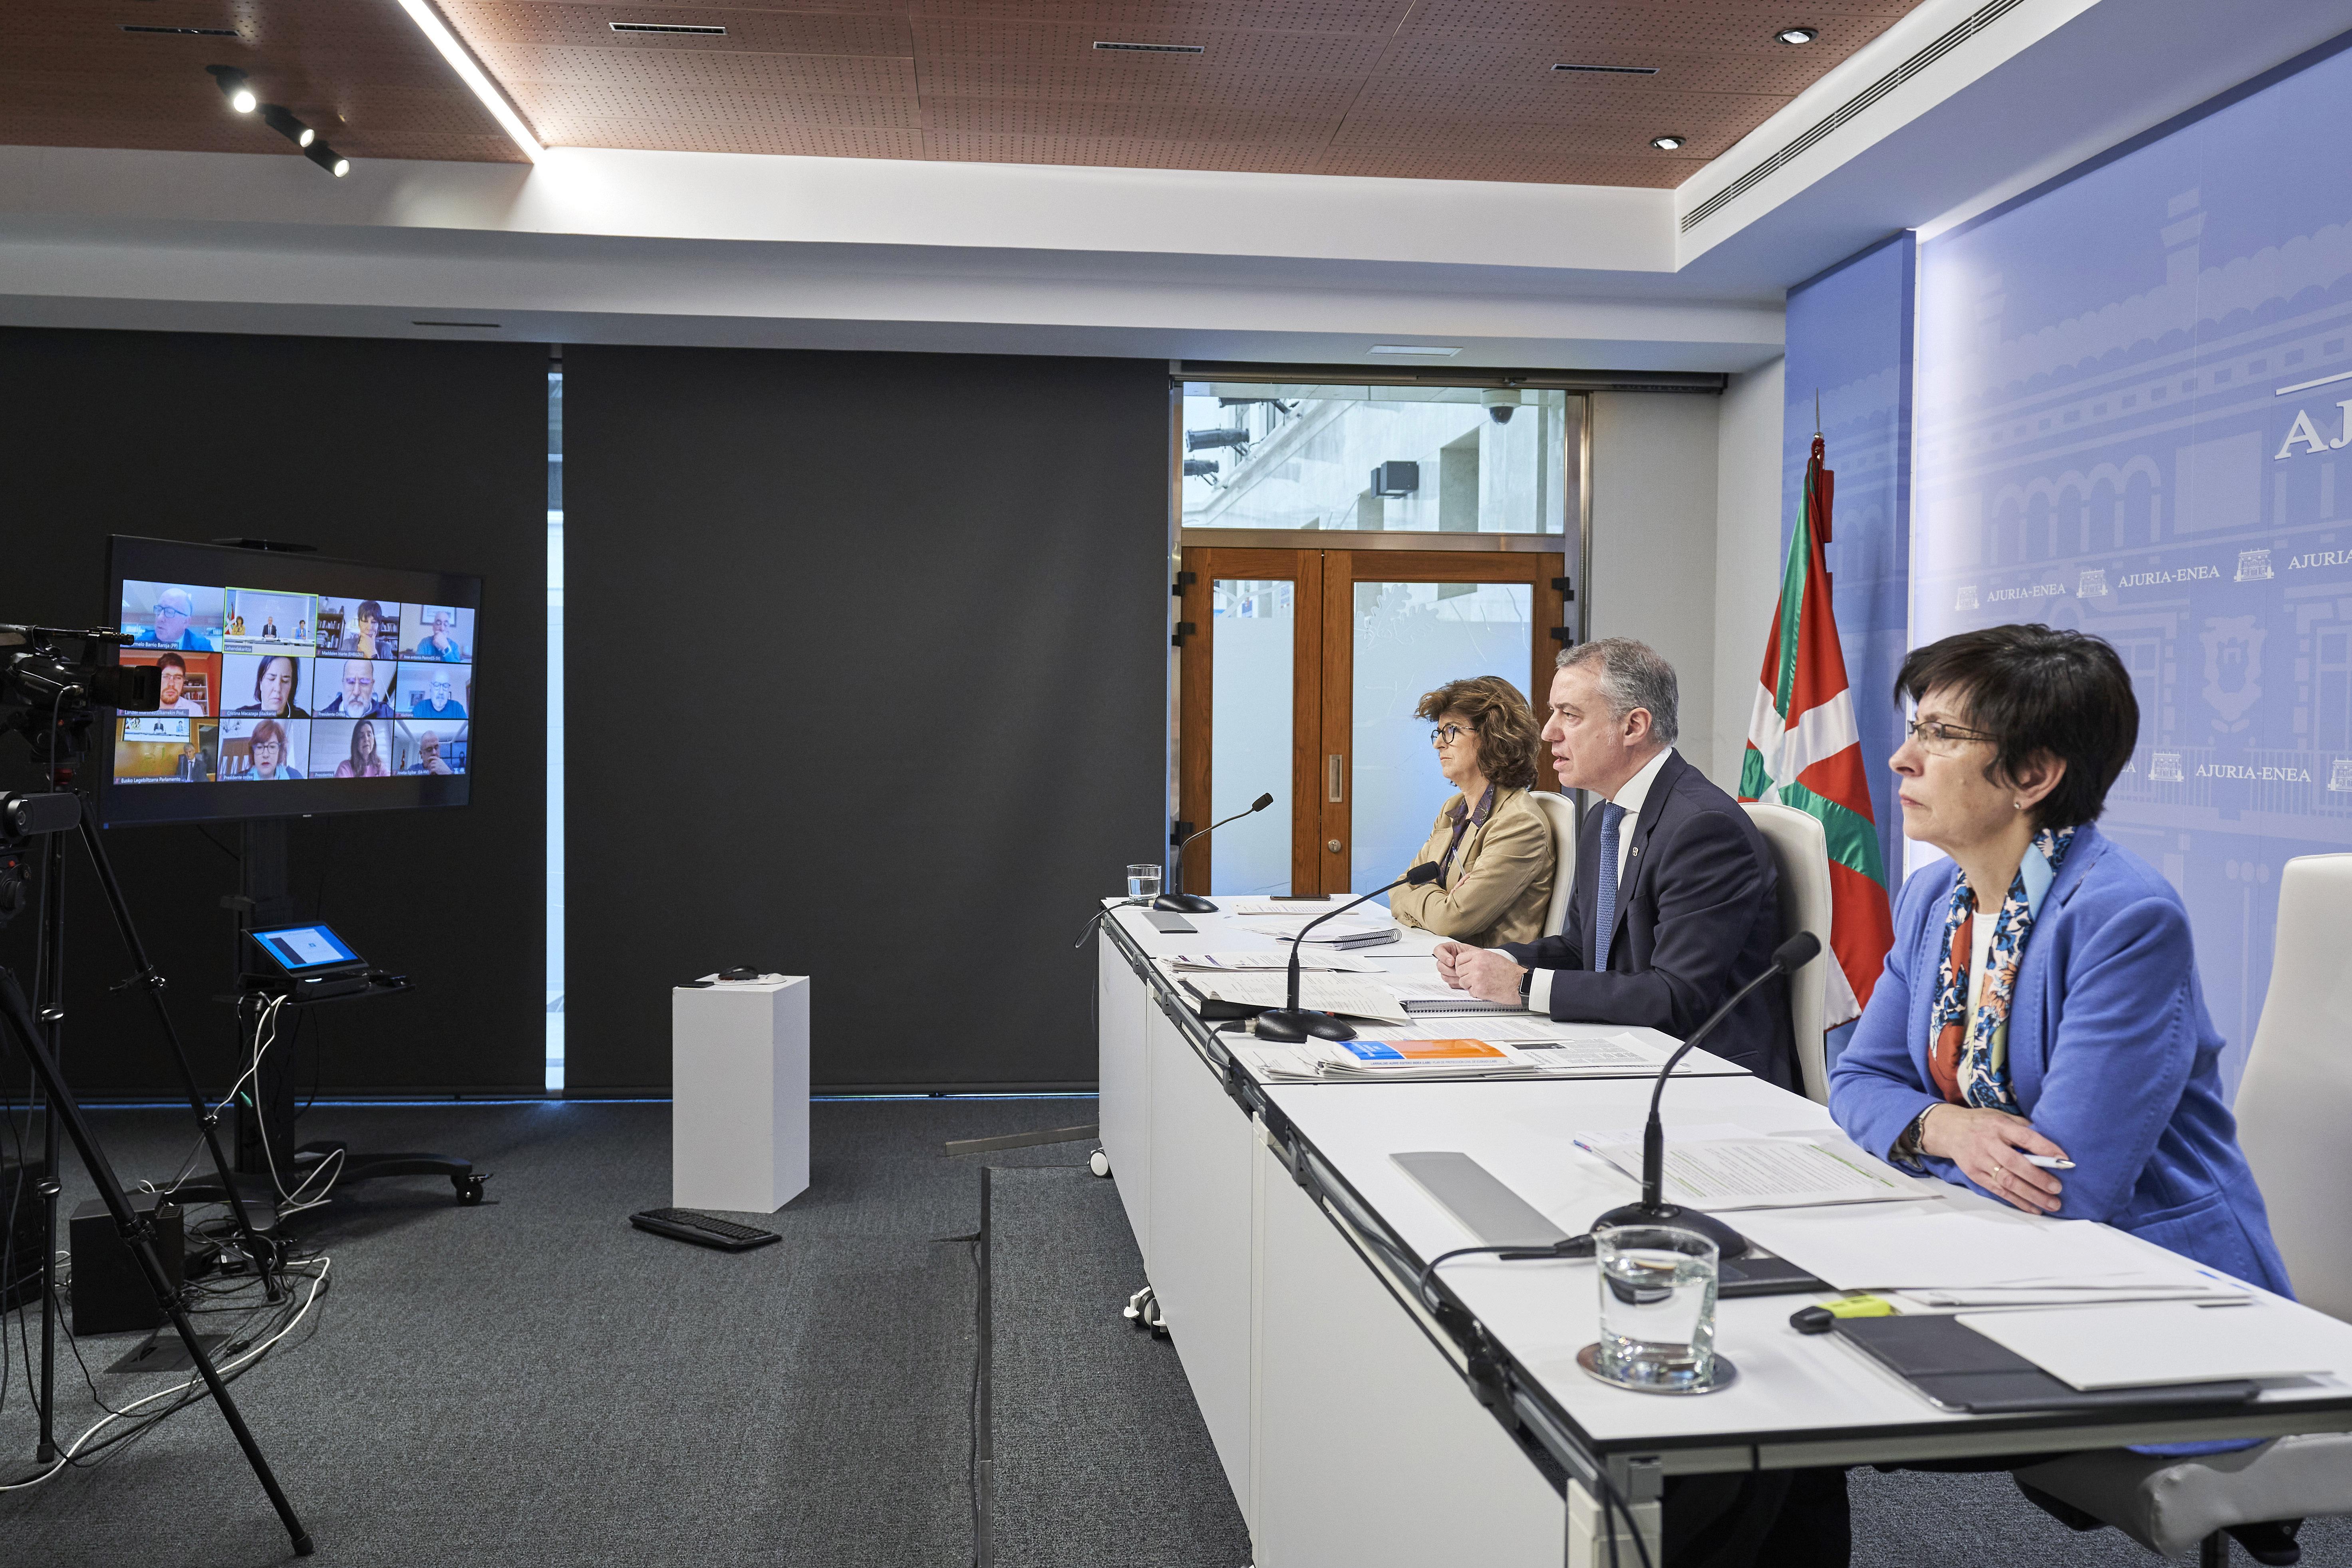 El Lehendakari explica la gestión llevada a cabo por el Gobierno ante la crisis sanitaria provocada por el Covid-19